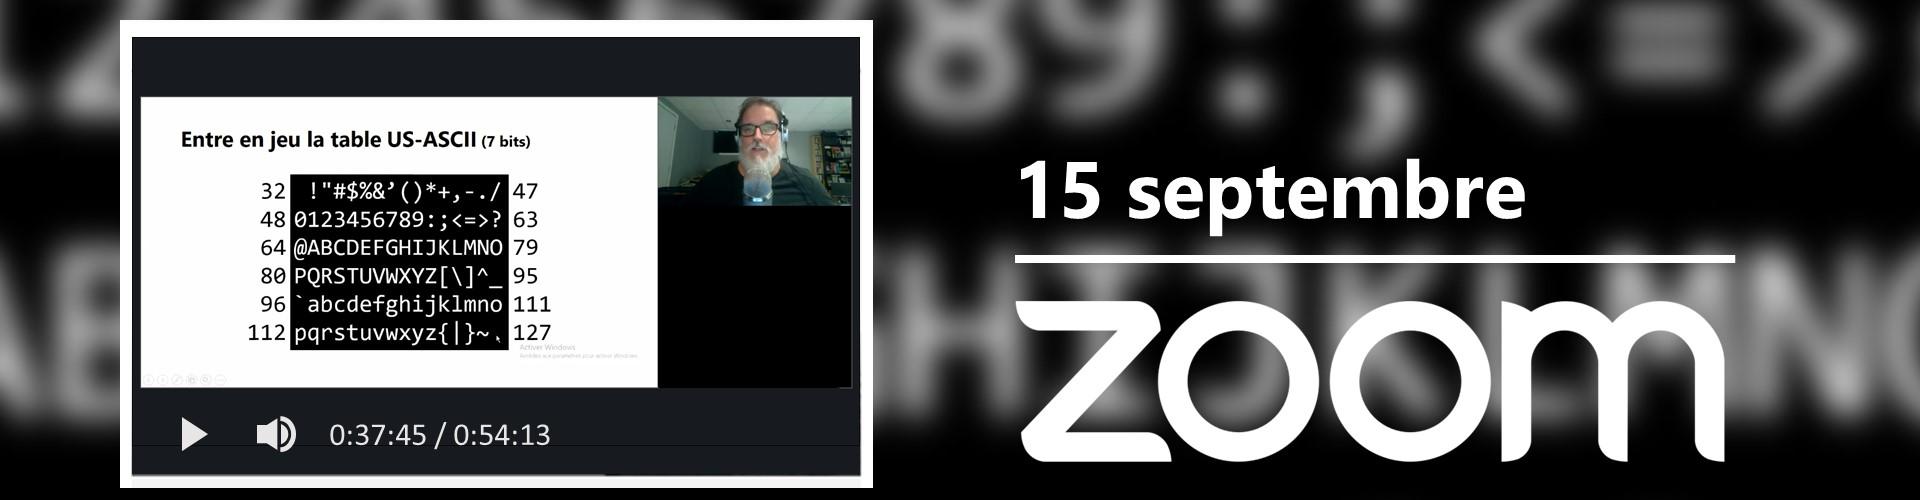 Rencontre du 15 septembre sur Zoom